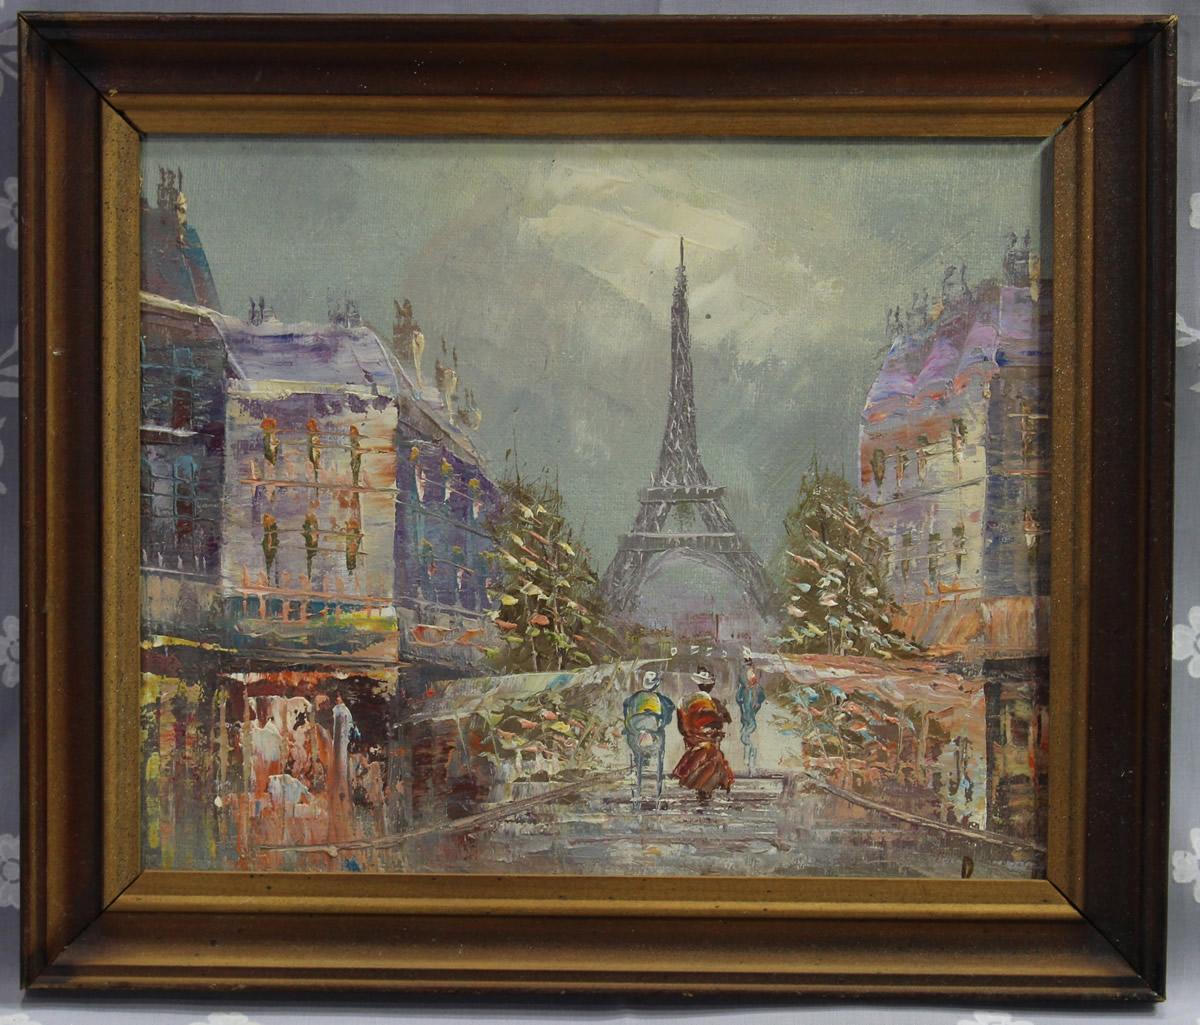 W Burnett Oil Painting